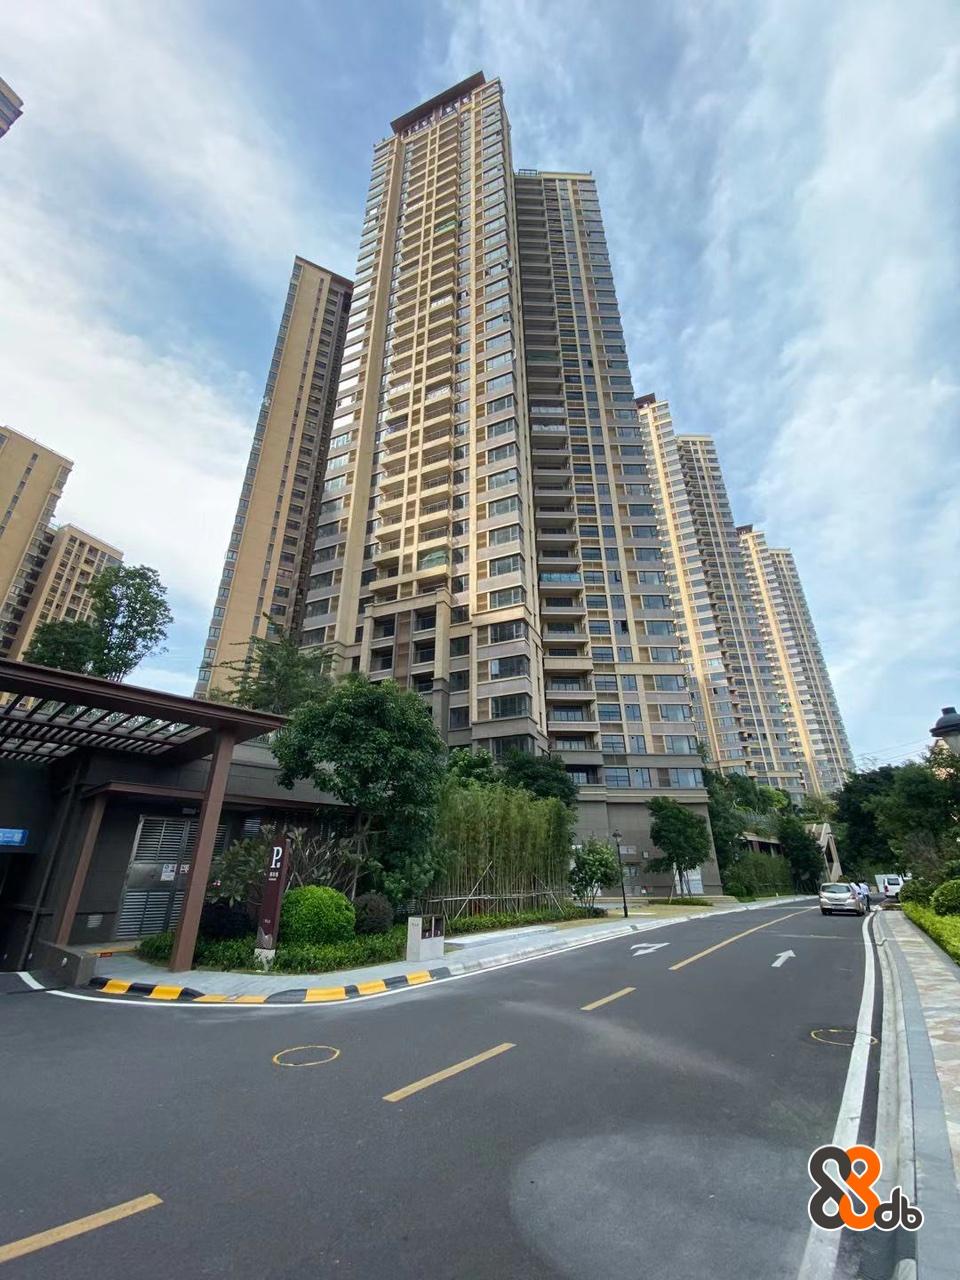 Metropolitan area,Condominium,Tower block,Building,Urban area